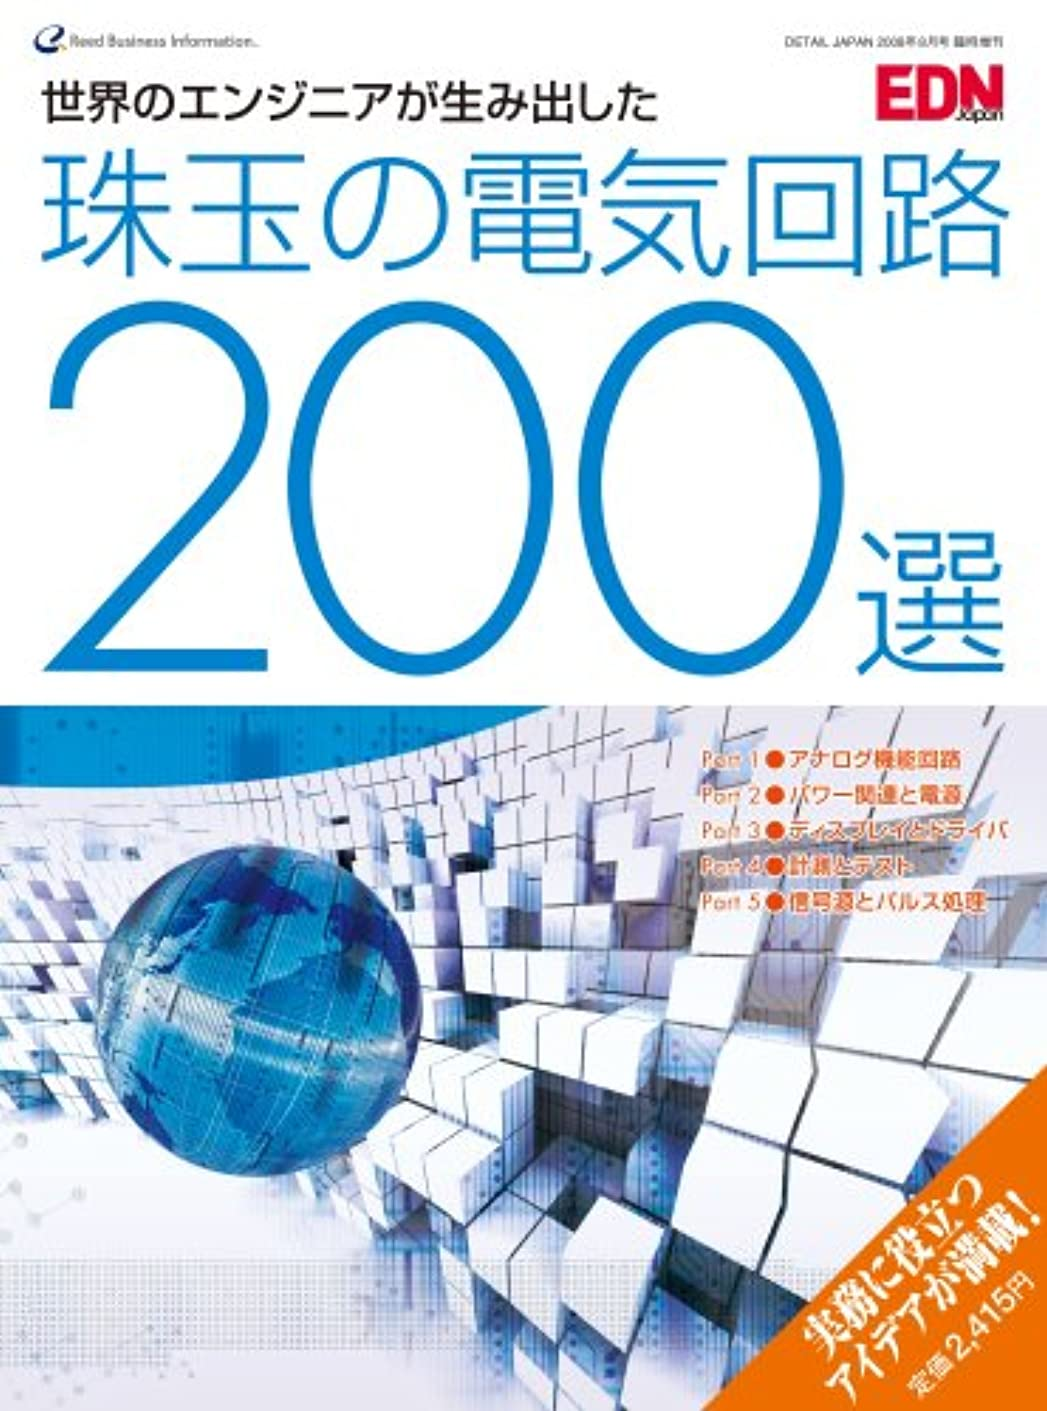 足音広まった不完全世界のエンジニアが生み出した『珠玉の電気回路200選』